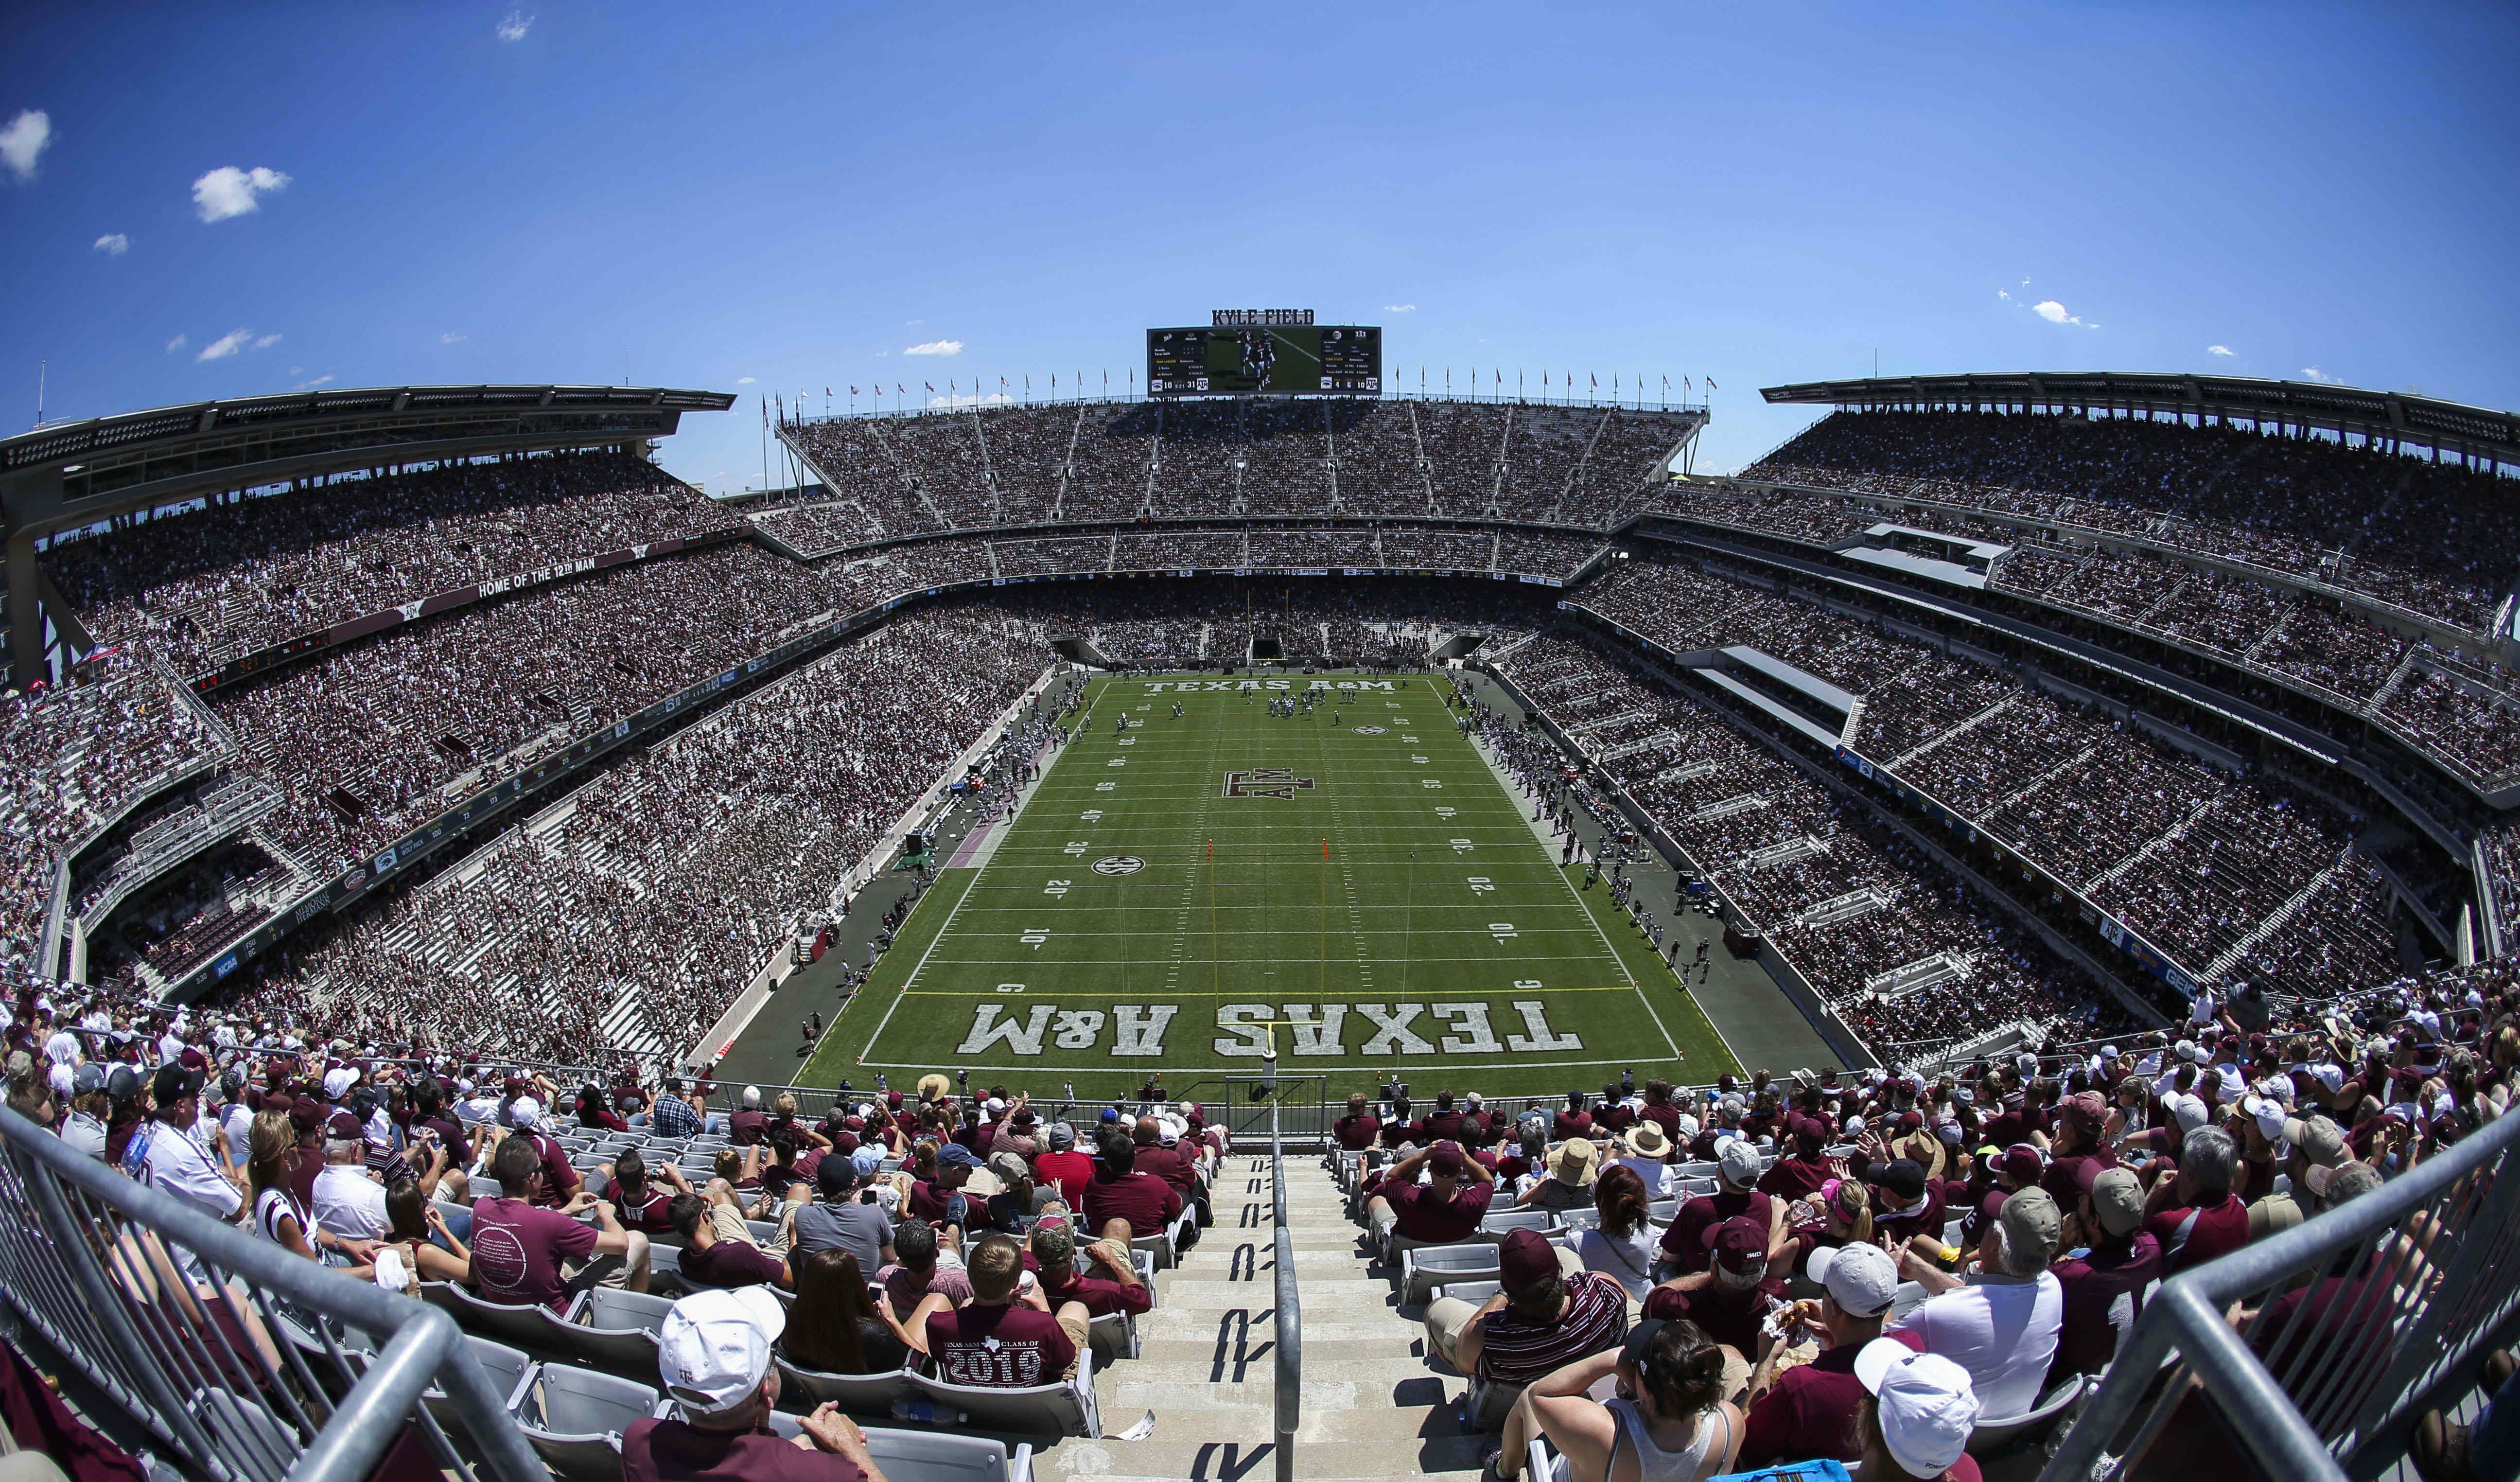 8811163-ncaa-football-nevada-at-texas-aampampm